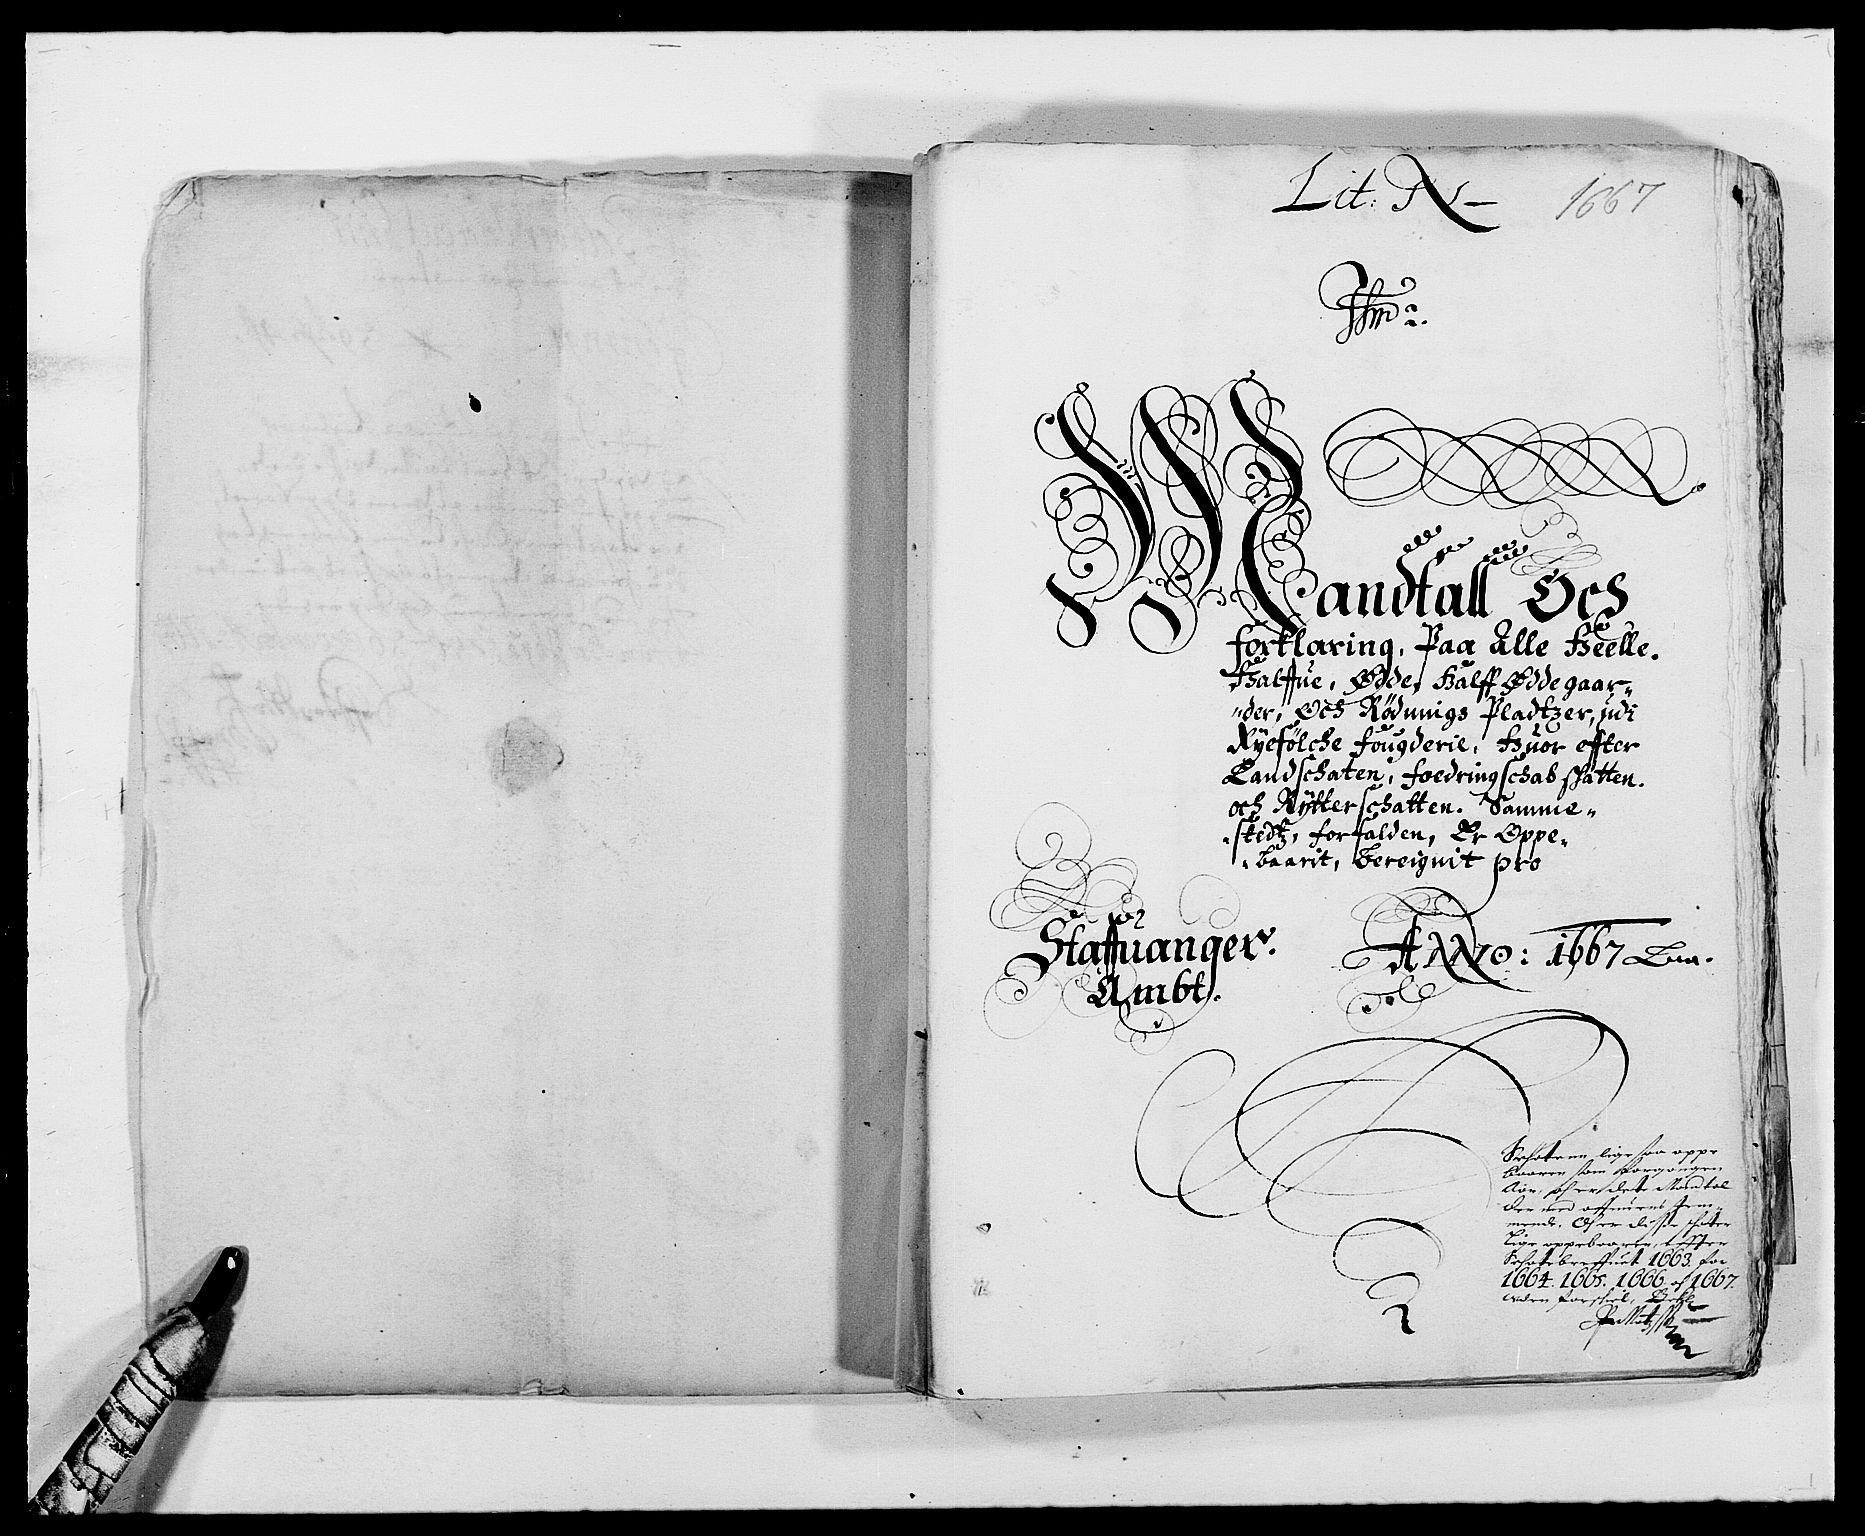 RA, Rentekammeret inntil 1814, Reviderte regnskaper, Fogderegnskap, R47/L2841: Fogderegnskap Ryfylke, 1665-1669, s. 6